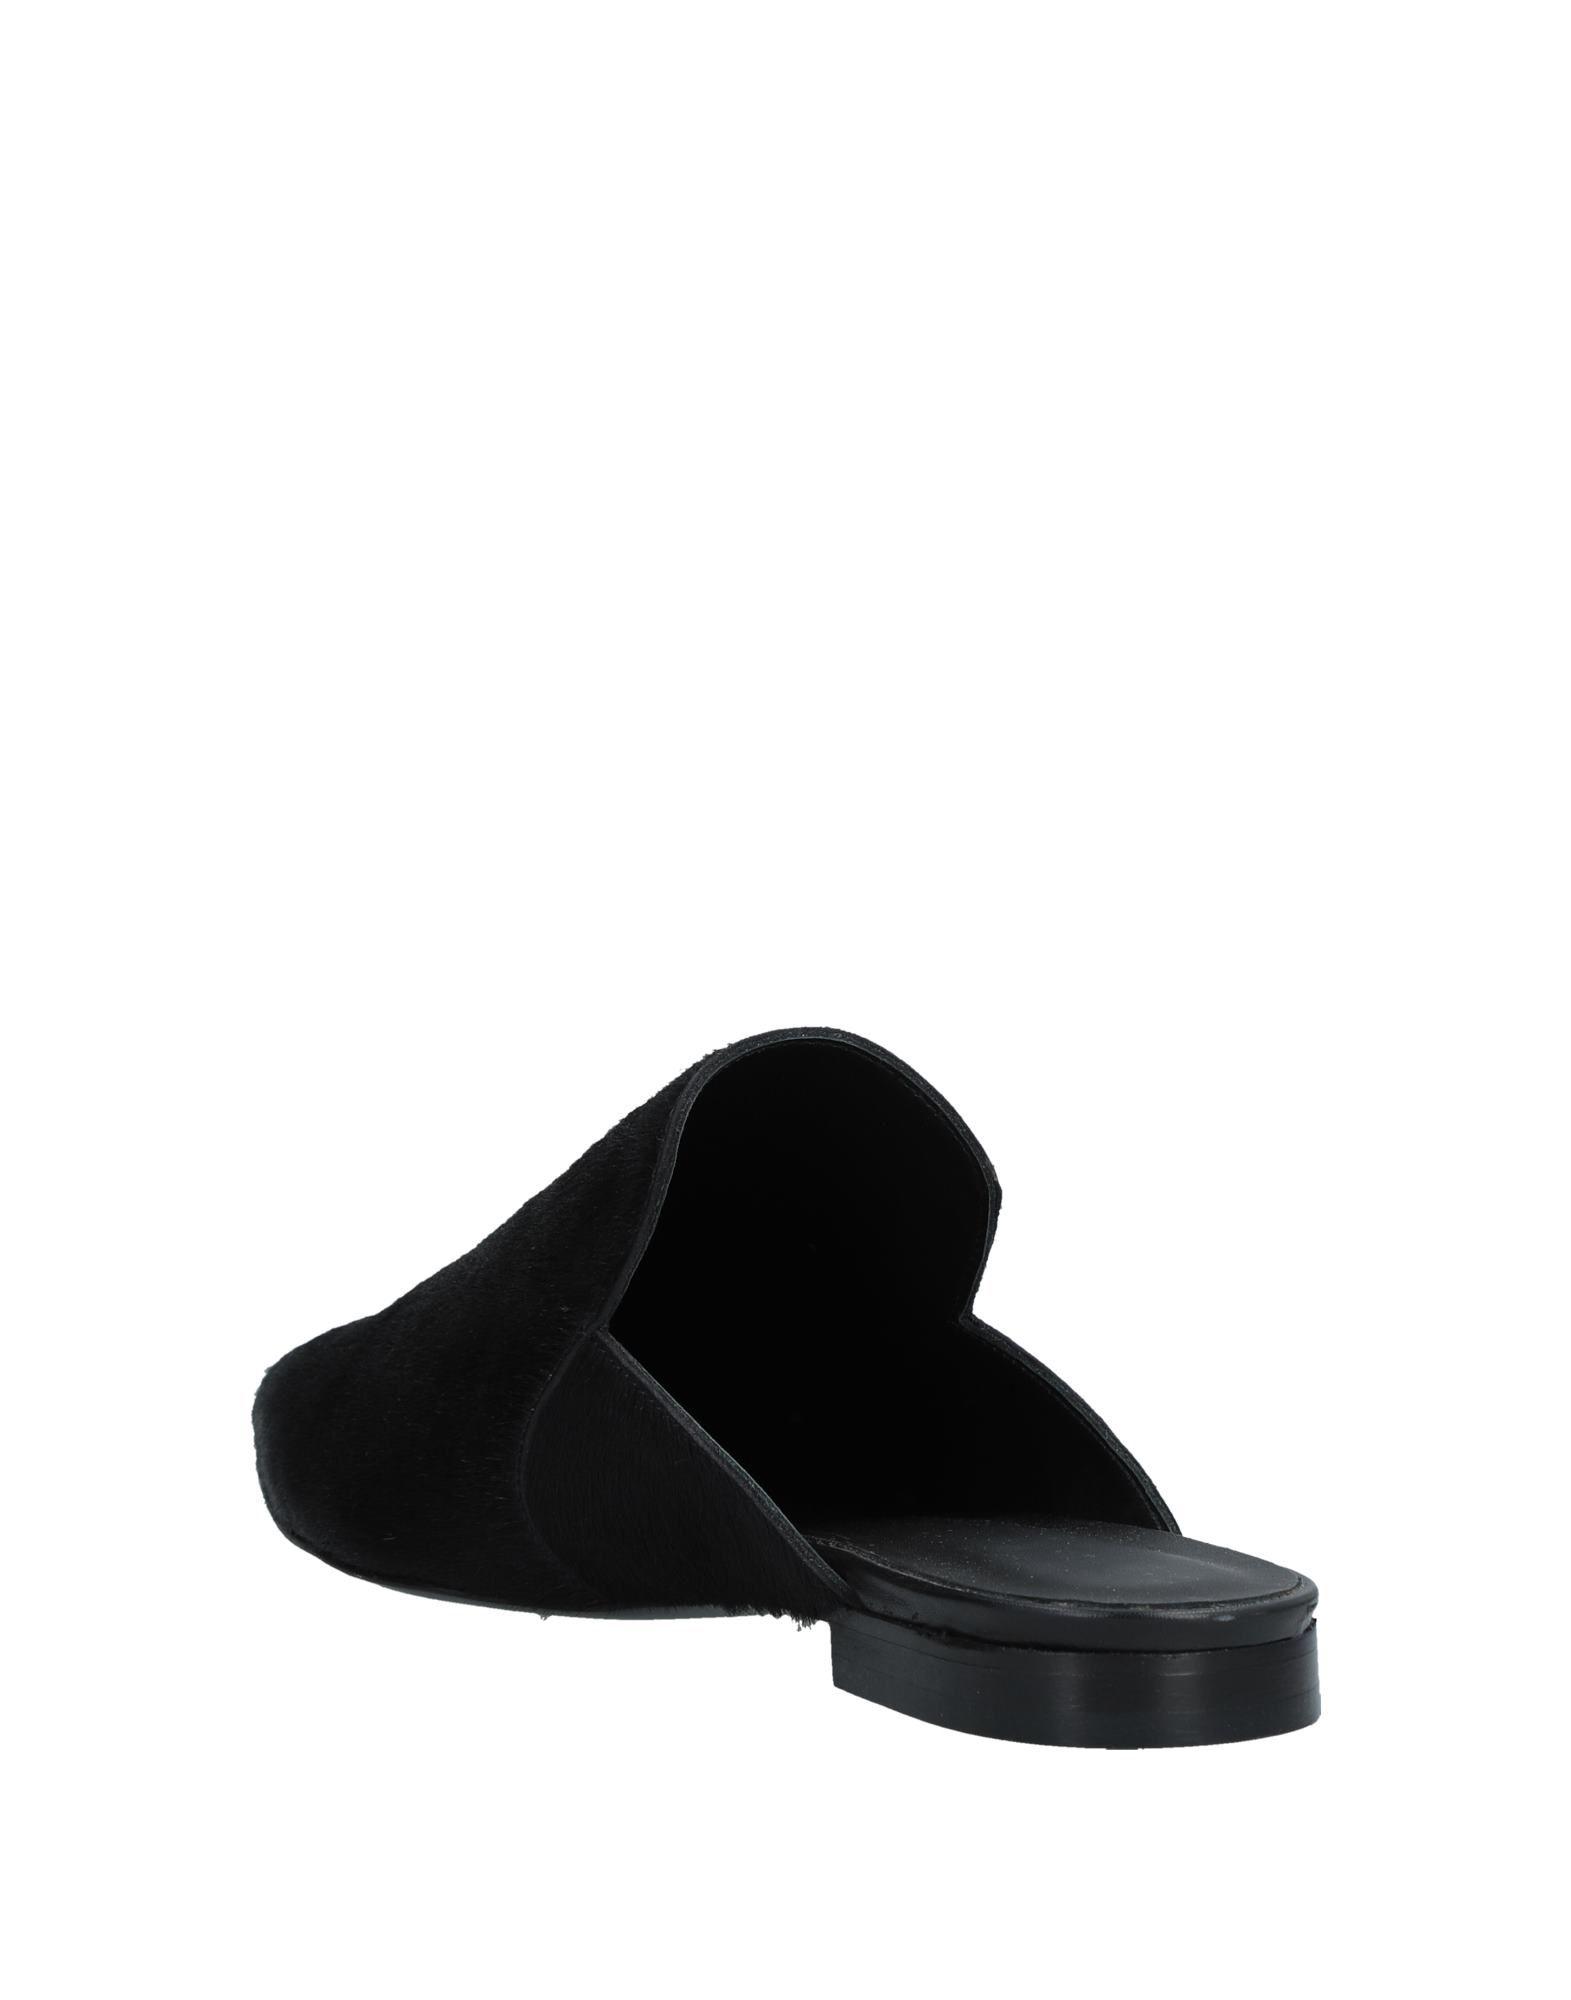 Emanuela Caruso Capri Pantoletten Damen  11529249BQ Neue Schuhe Schuhe Neue acbed8